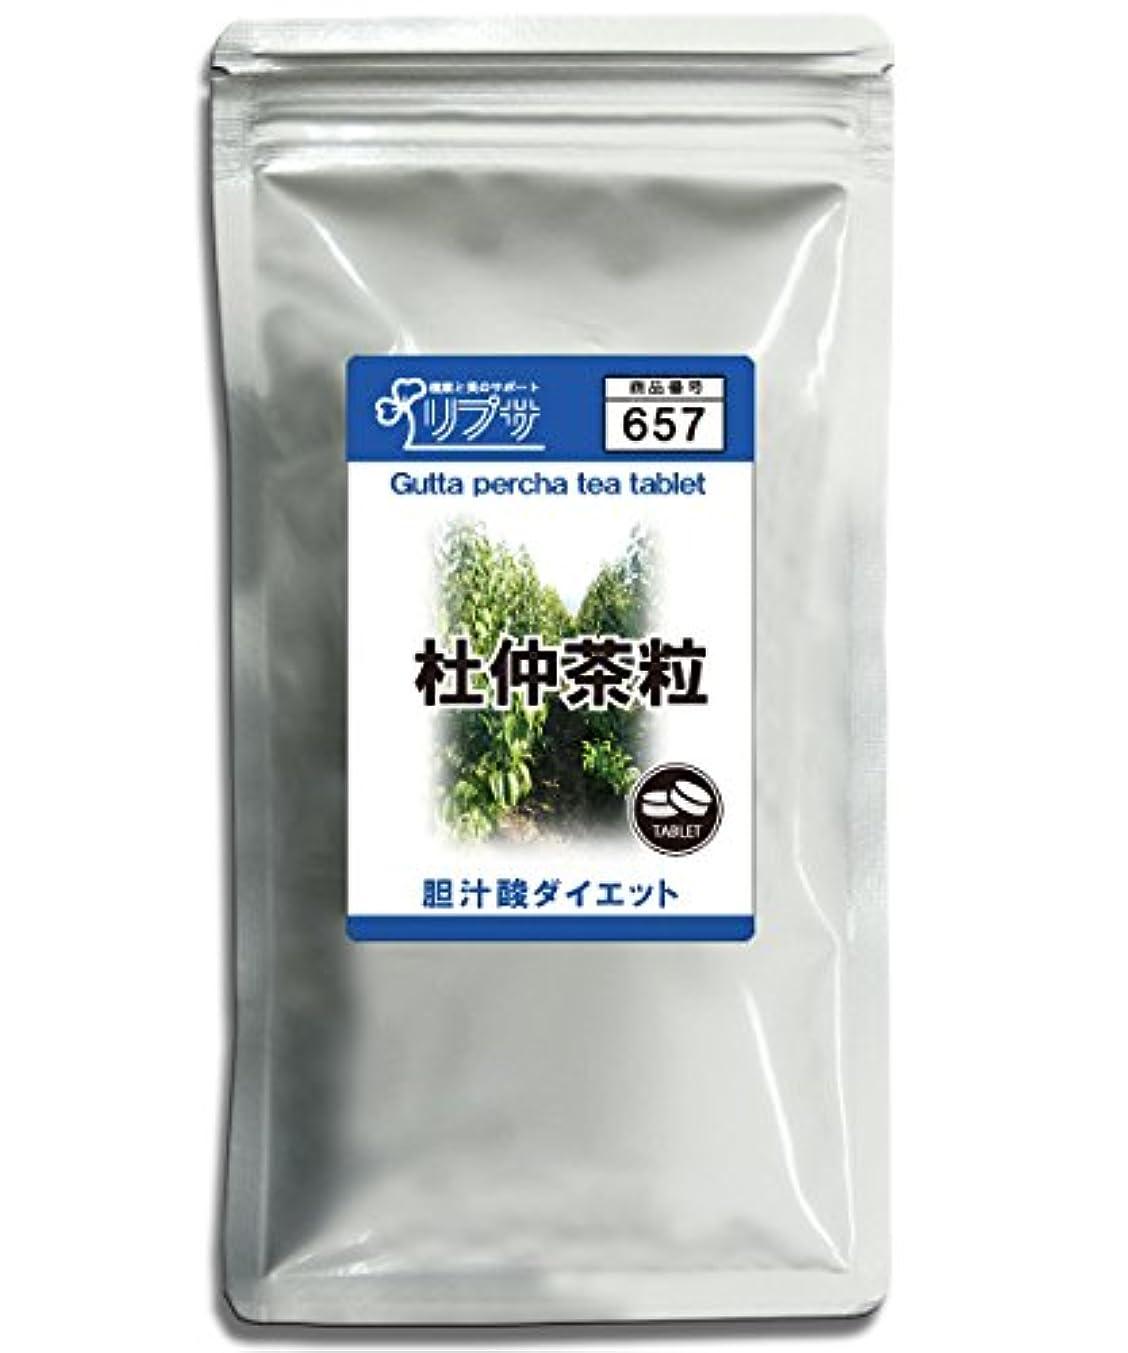 パウダービザマニアック杜仲茶 粒 約3か月分 T-657